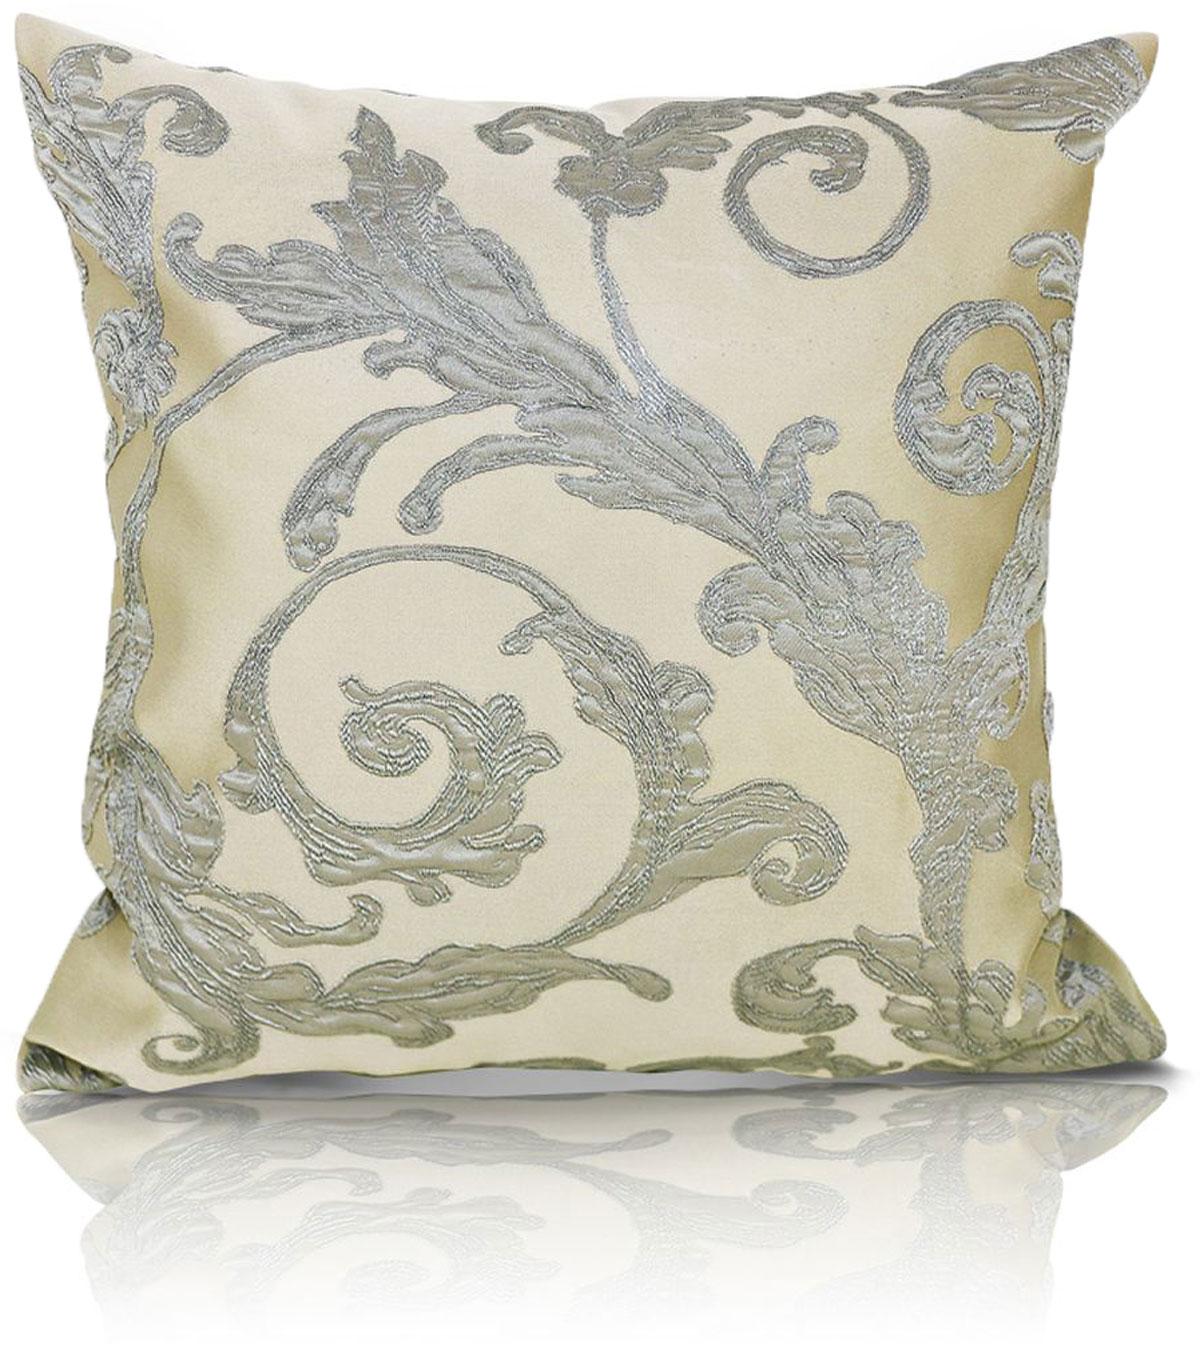 Подушка декоративная KauffOrt Виона, цвет: бежевый, 40 x 40 см подушка декоративная kauffort рапсодия цвет бежевый серый 40 x 40 см